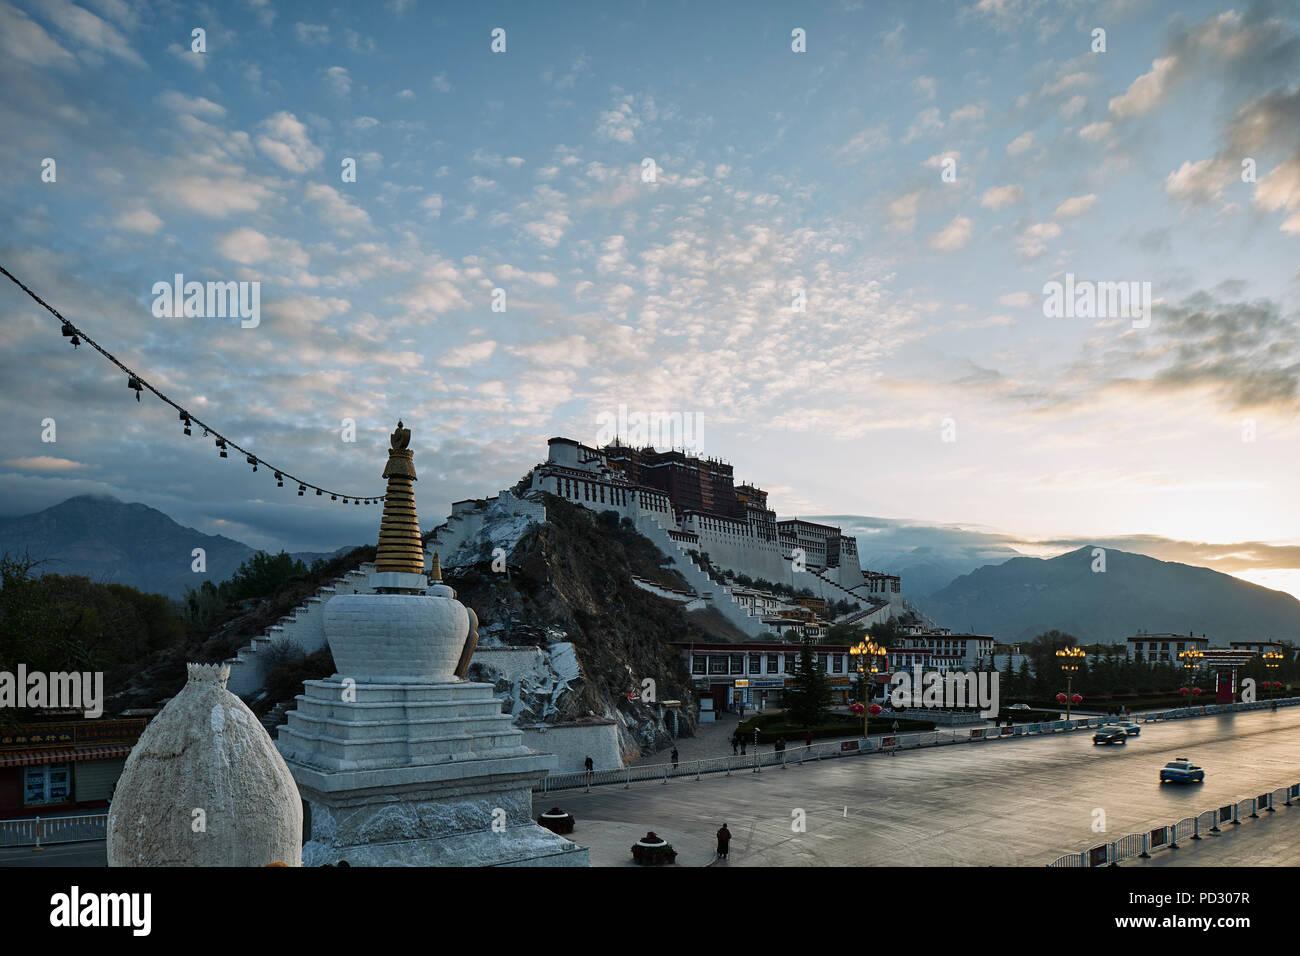 Potala Palace, Lhasa, Xizang, China - Stock Image